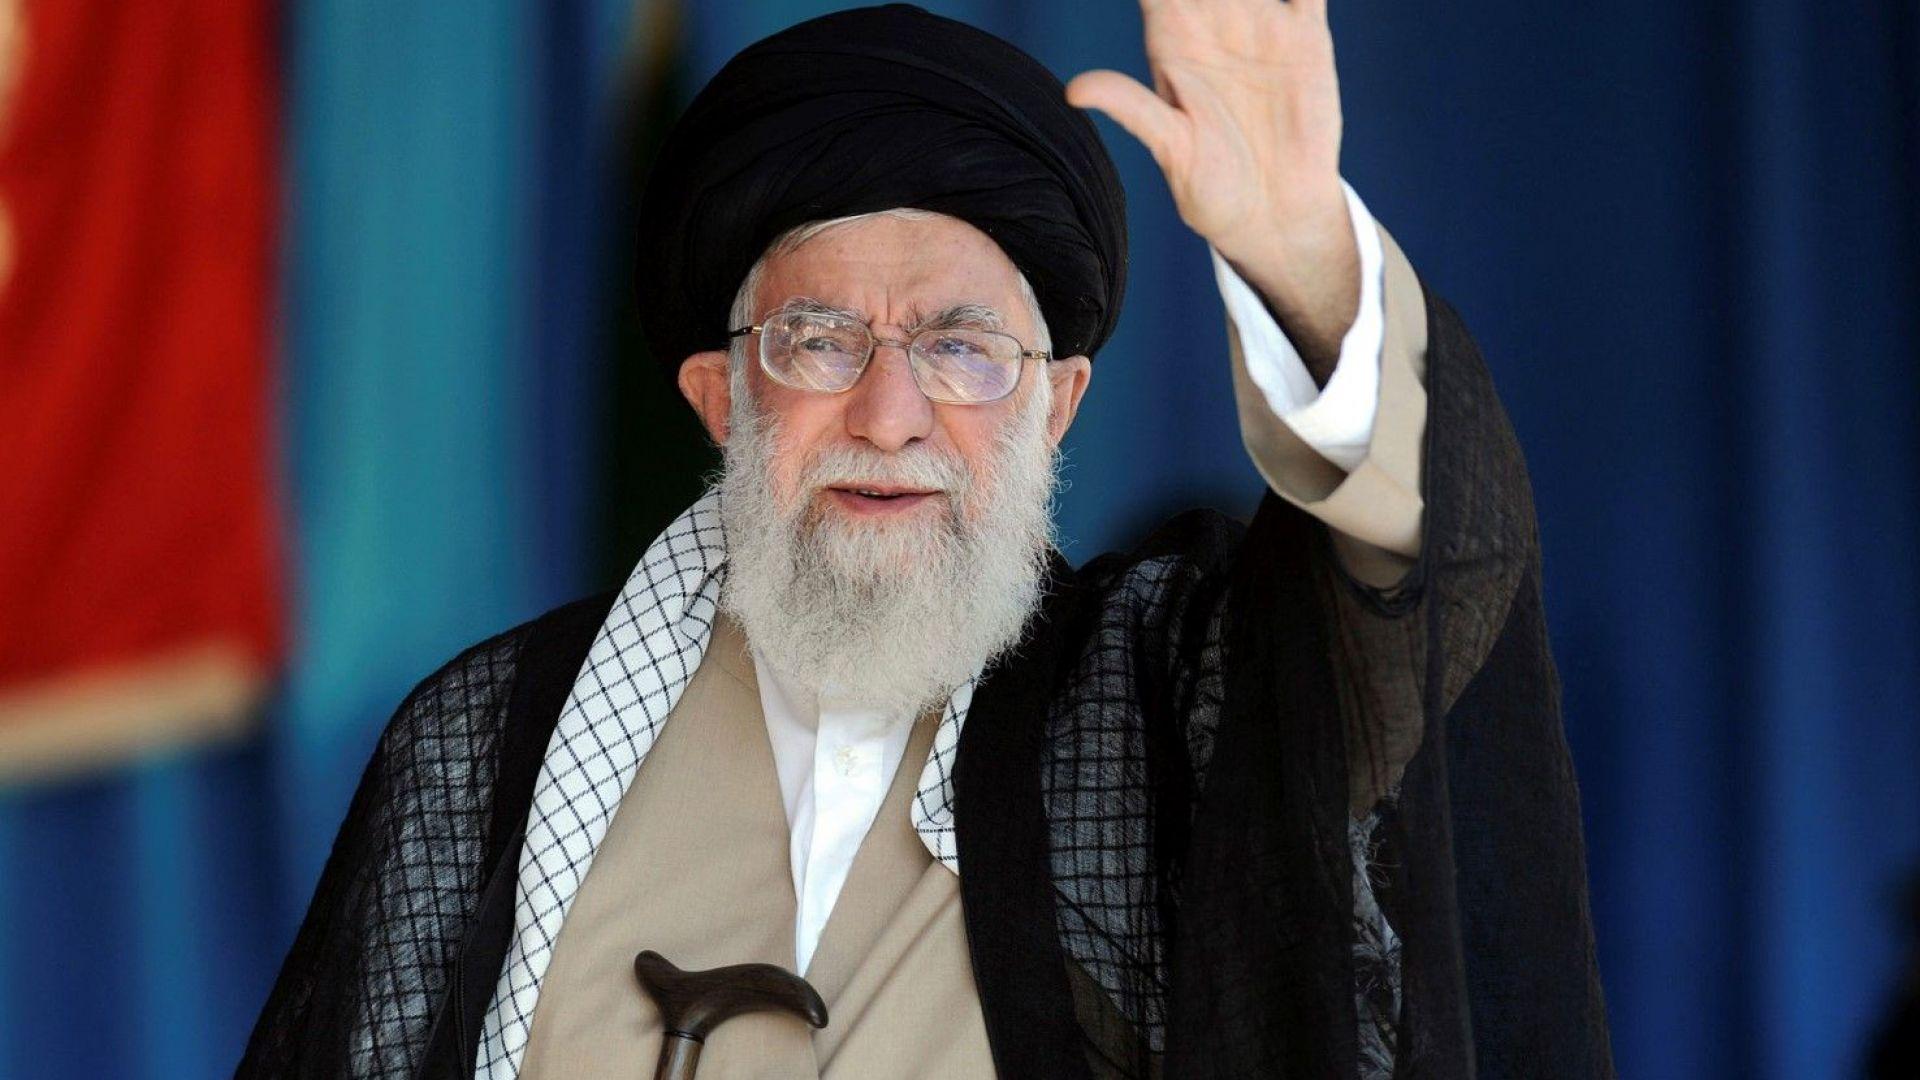 САЩ санкционираха 9 души и структура, свързани с върховния лидер на Иран